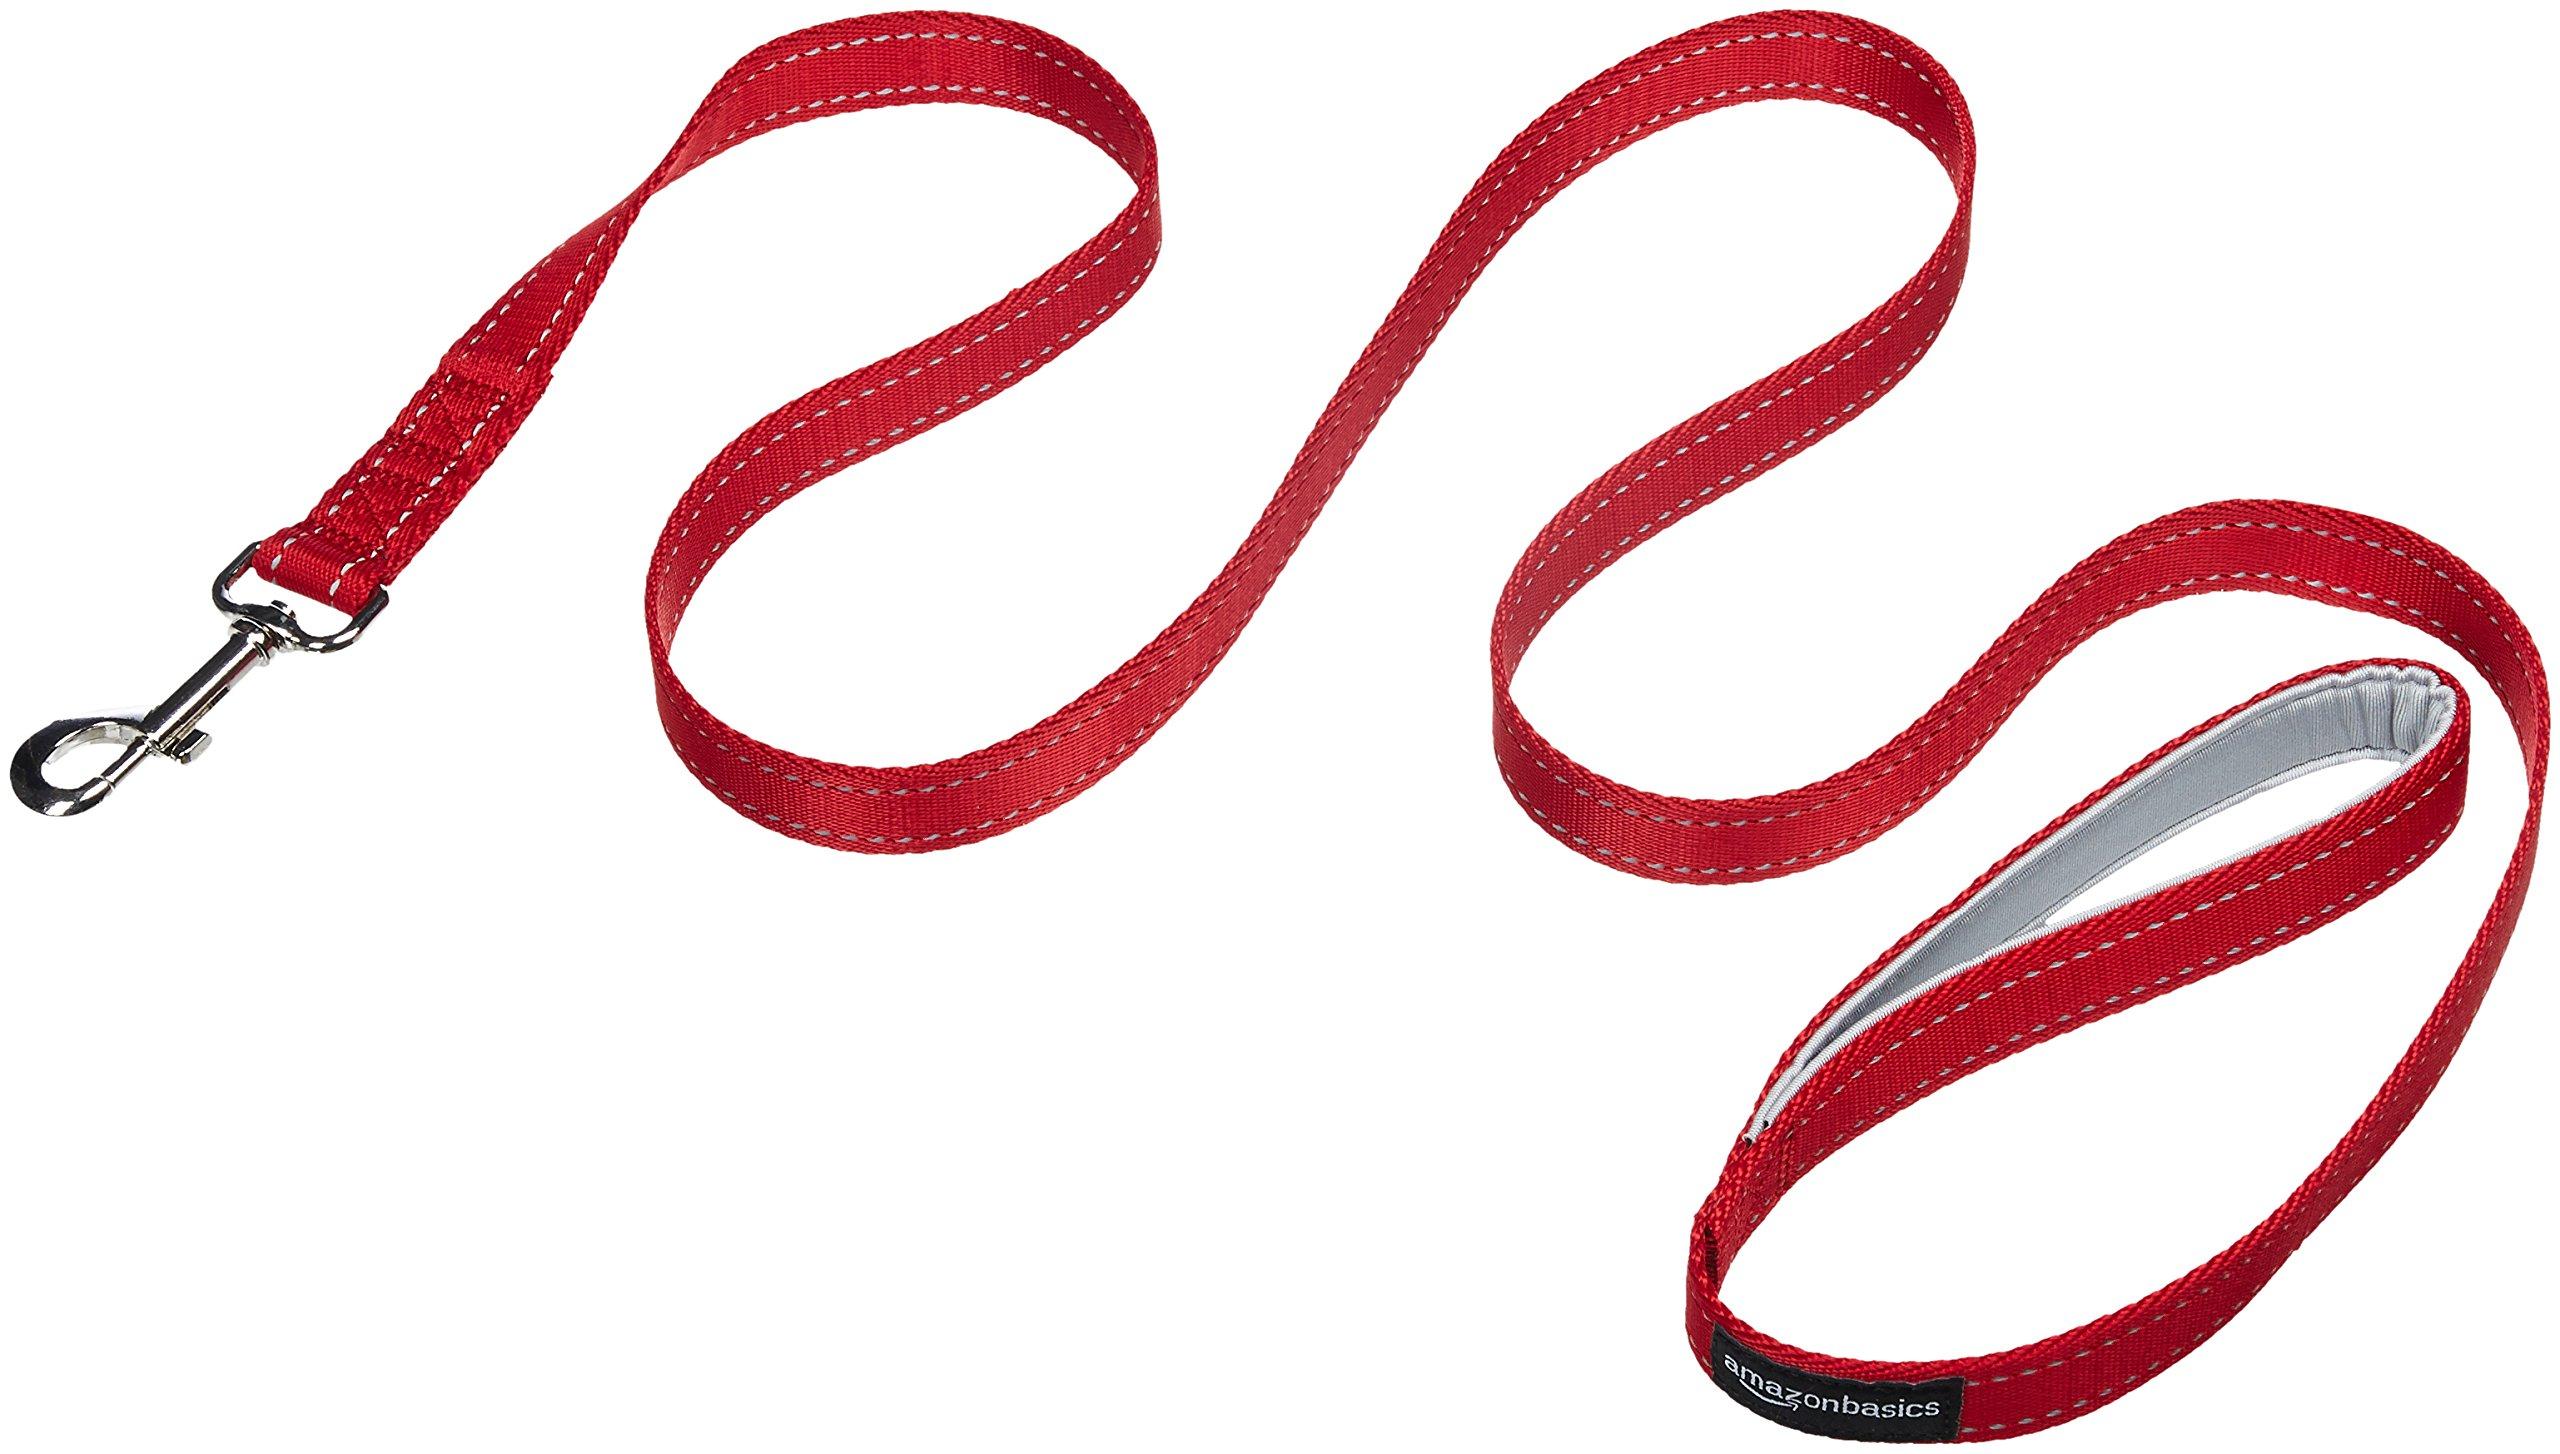 AmazonBasics Single Handle Light Reflecting Dog Leash, Red, 4 product image